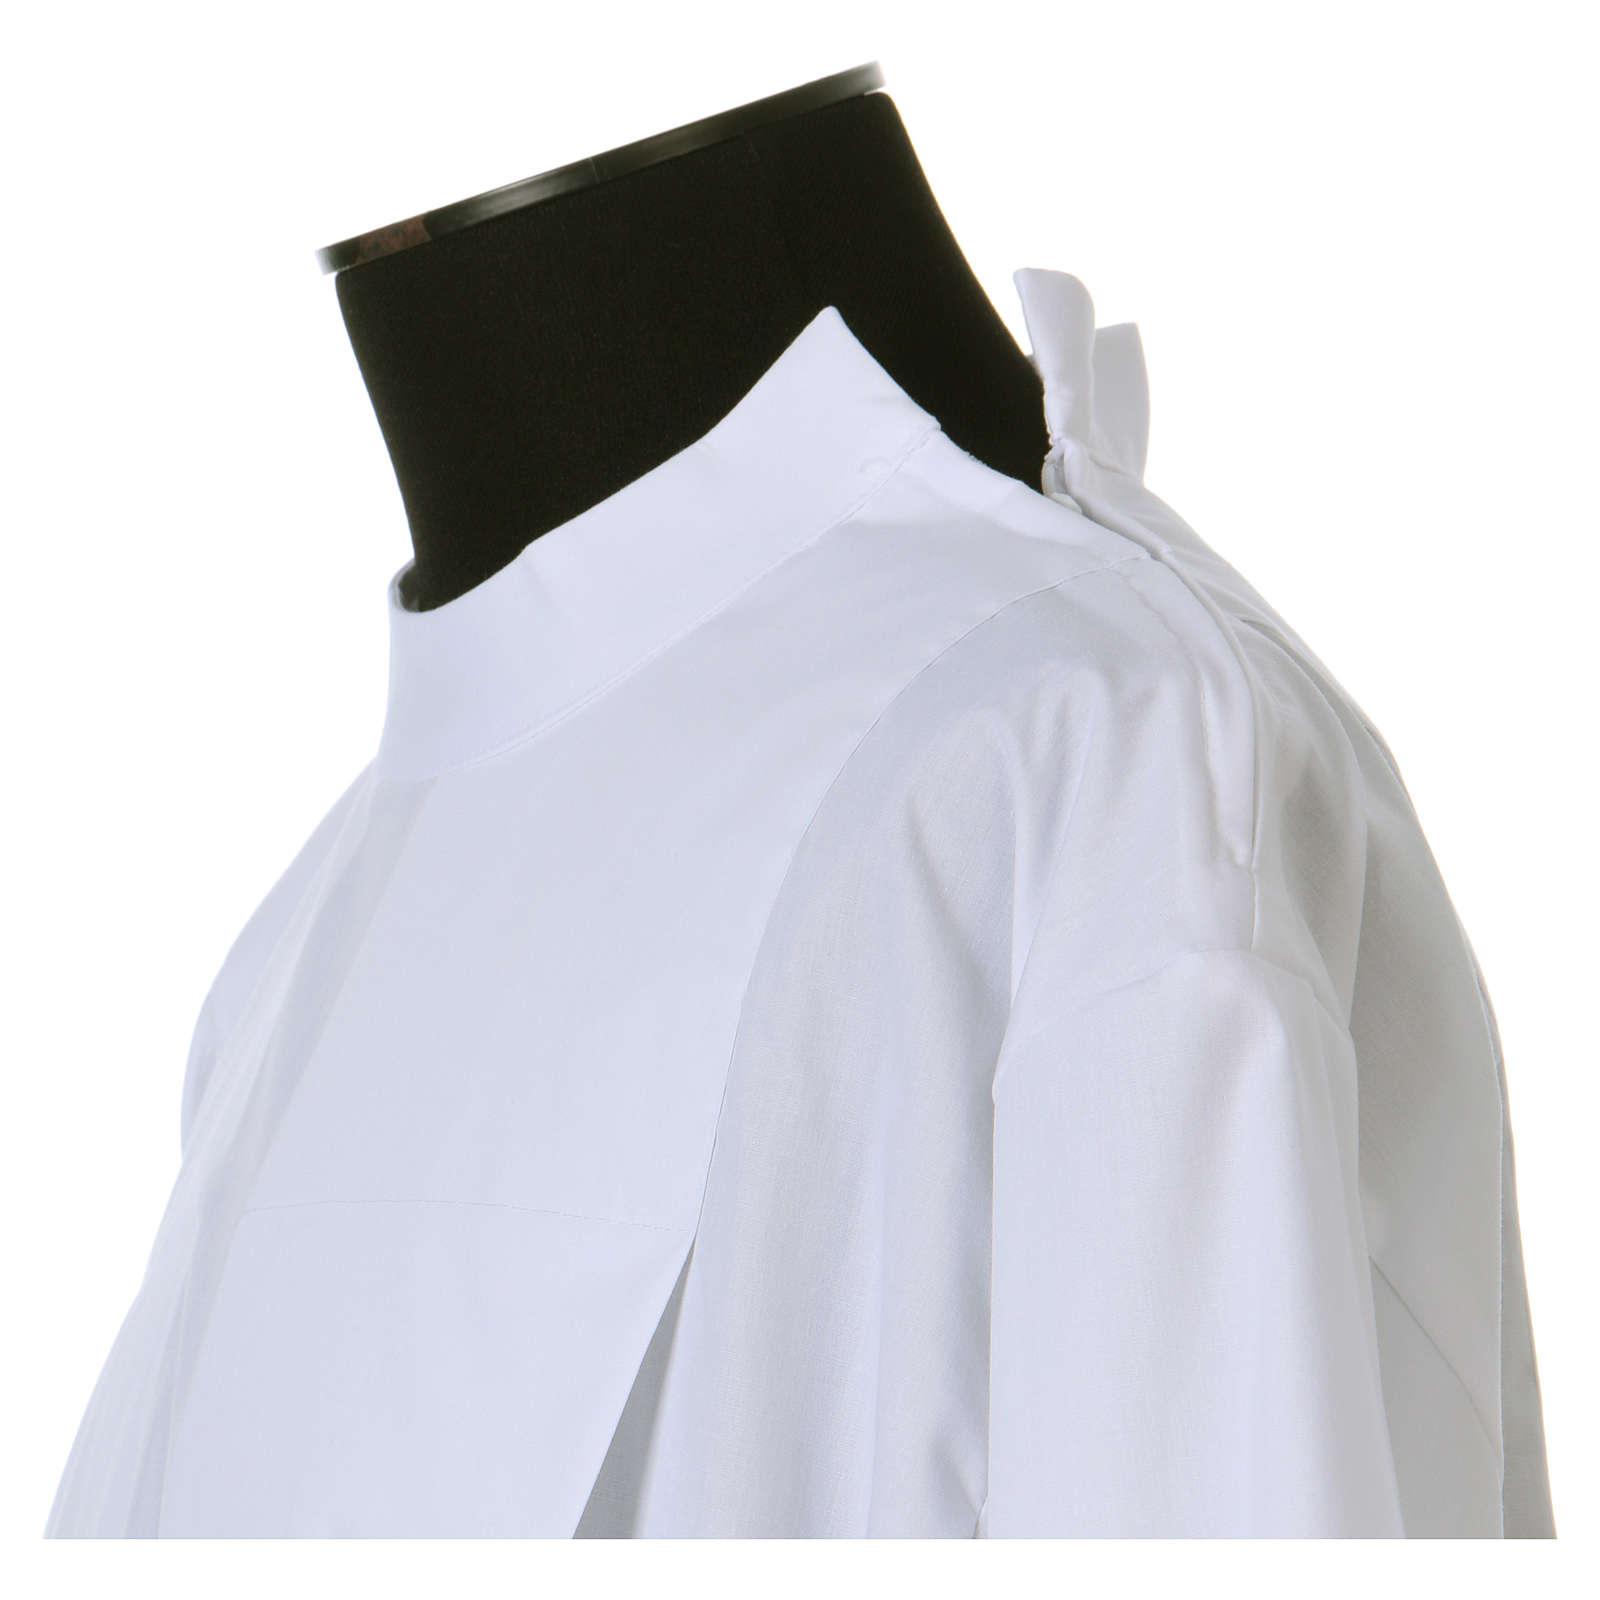 Camice bianco 65% poliestere 35% cotone due piegoni cerniera spalla 4